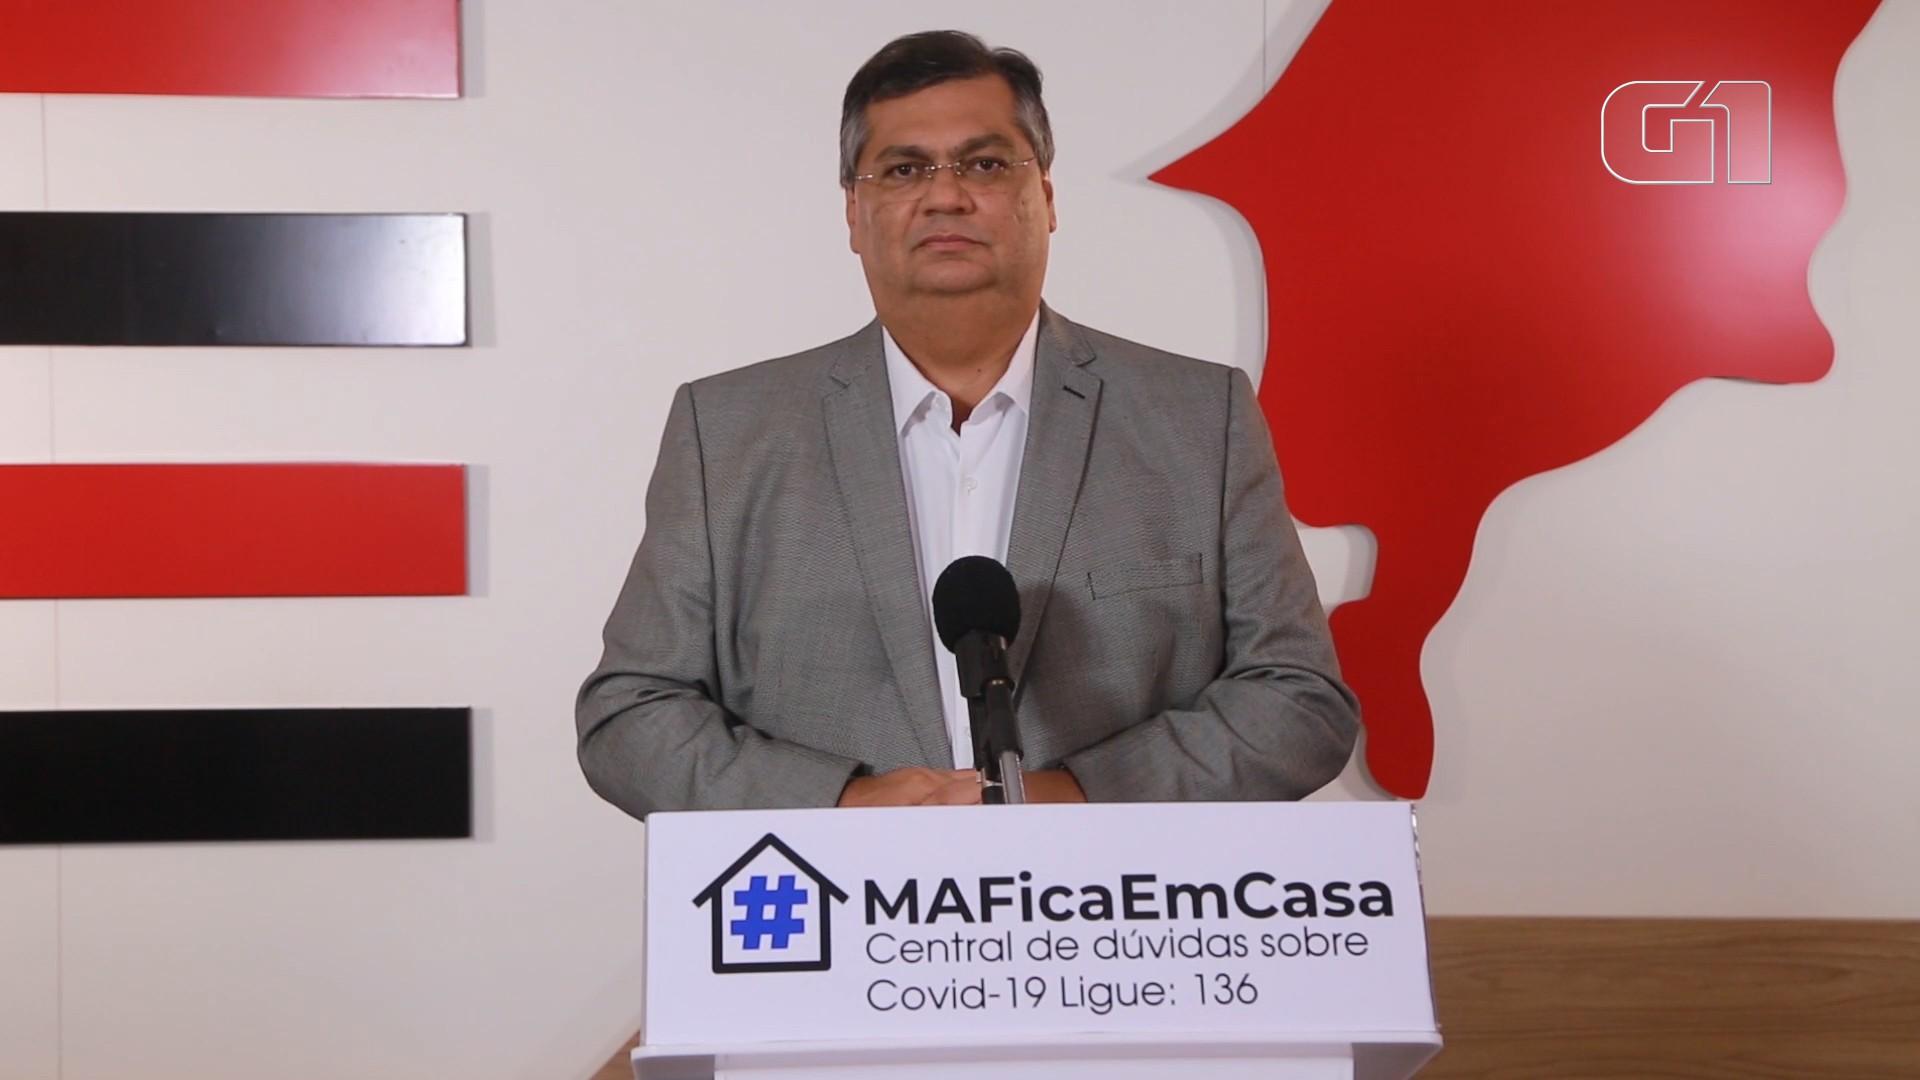 Após saída do PCdoB, governador Flávio Dino pede filiação ao PSB